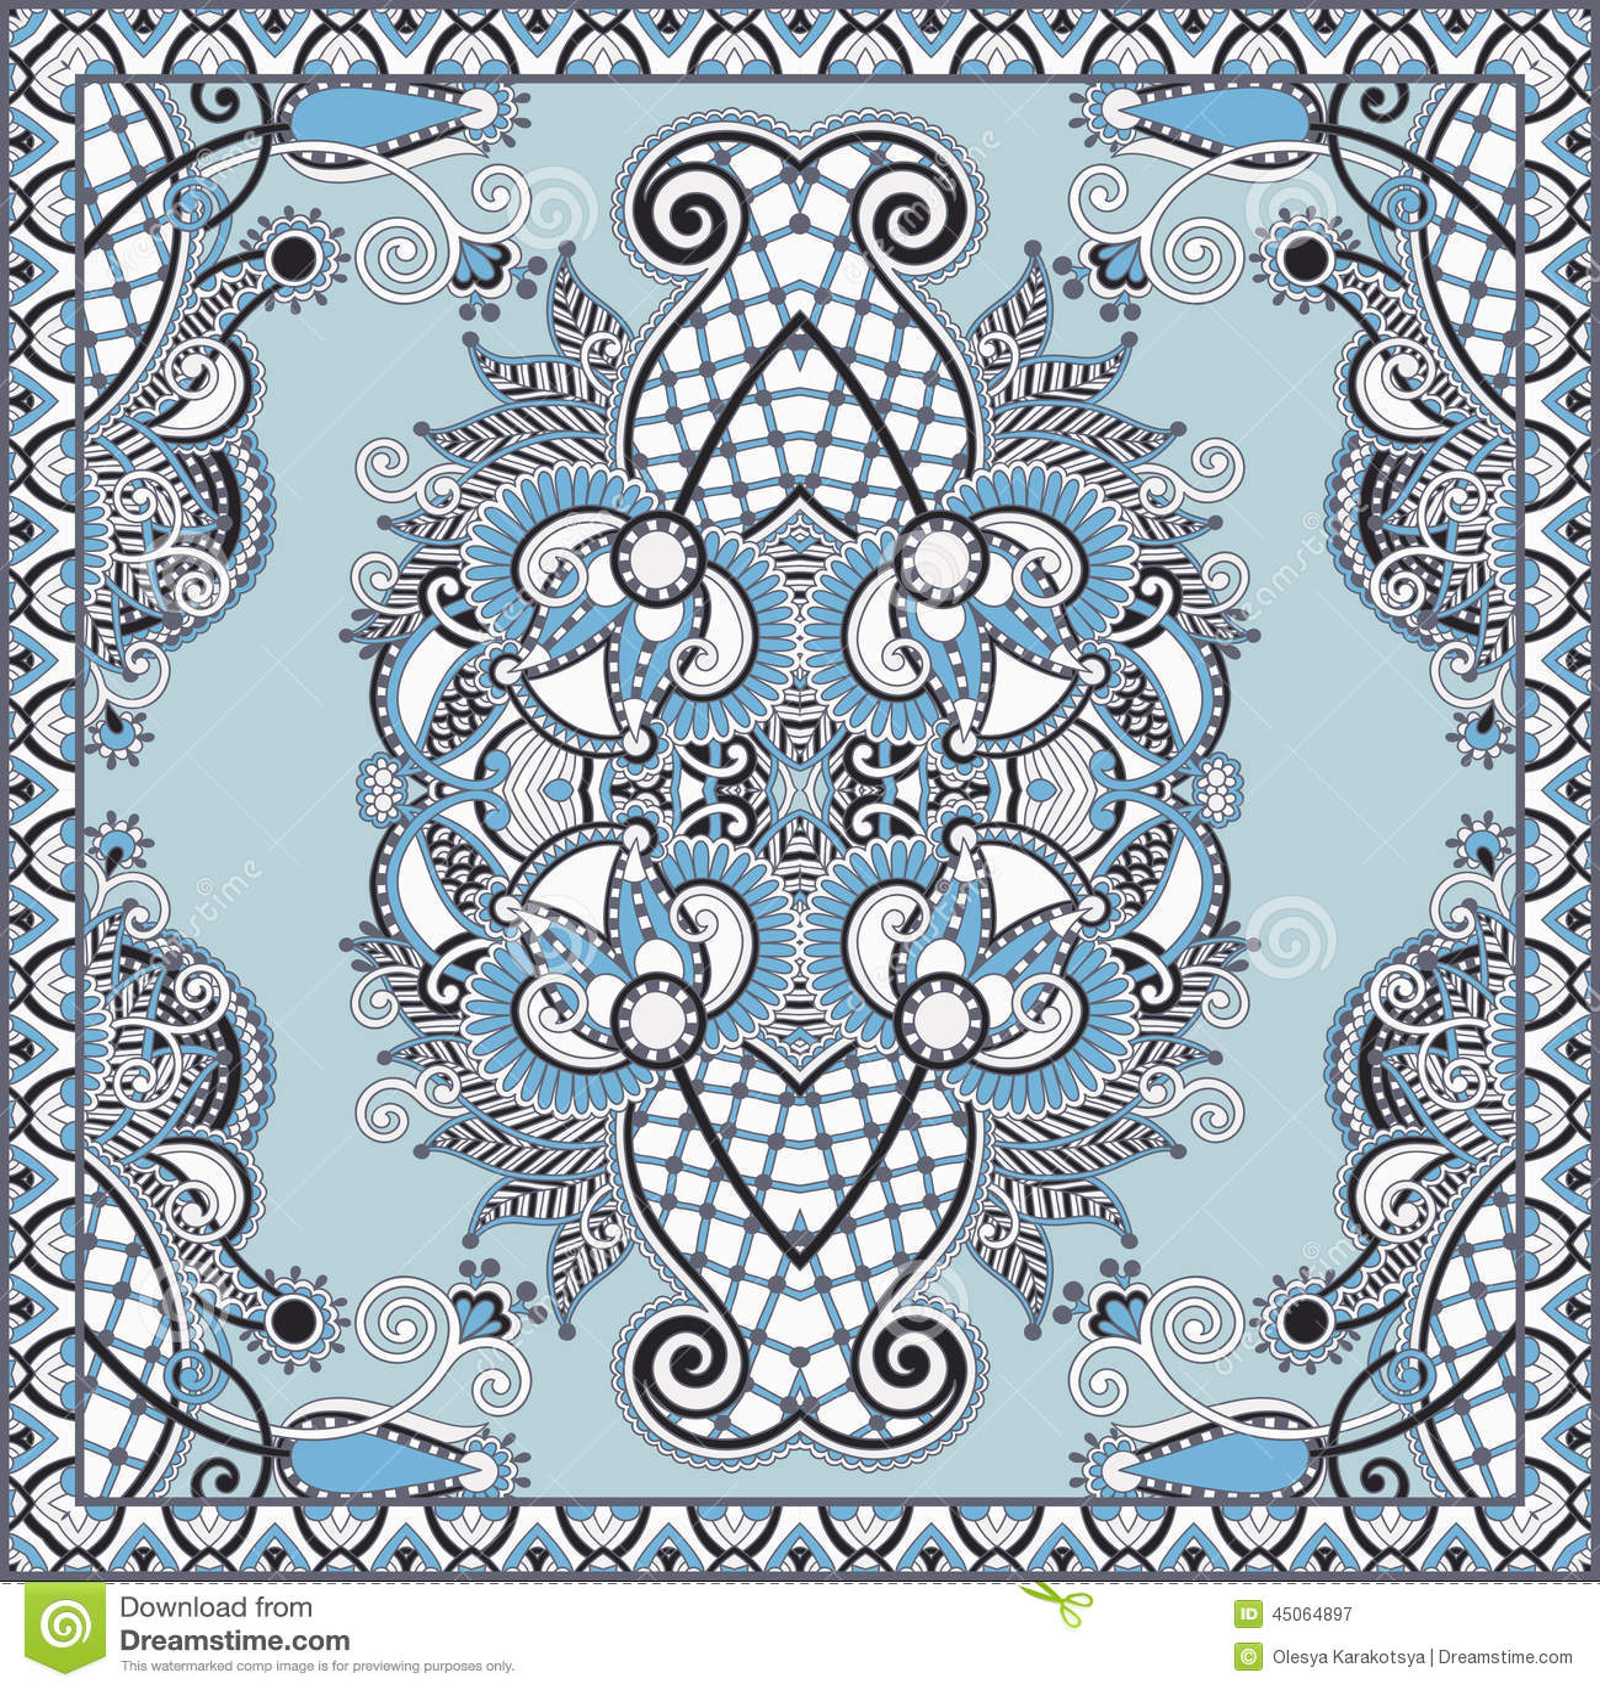 传统装饰花卉佩兹利方巾 您在地毯,披肩,枕头,坐垫设计能使用这个样式图片